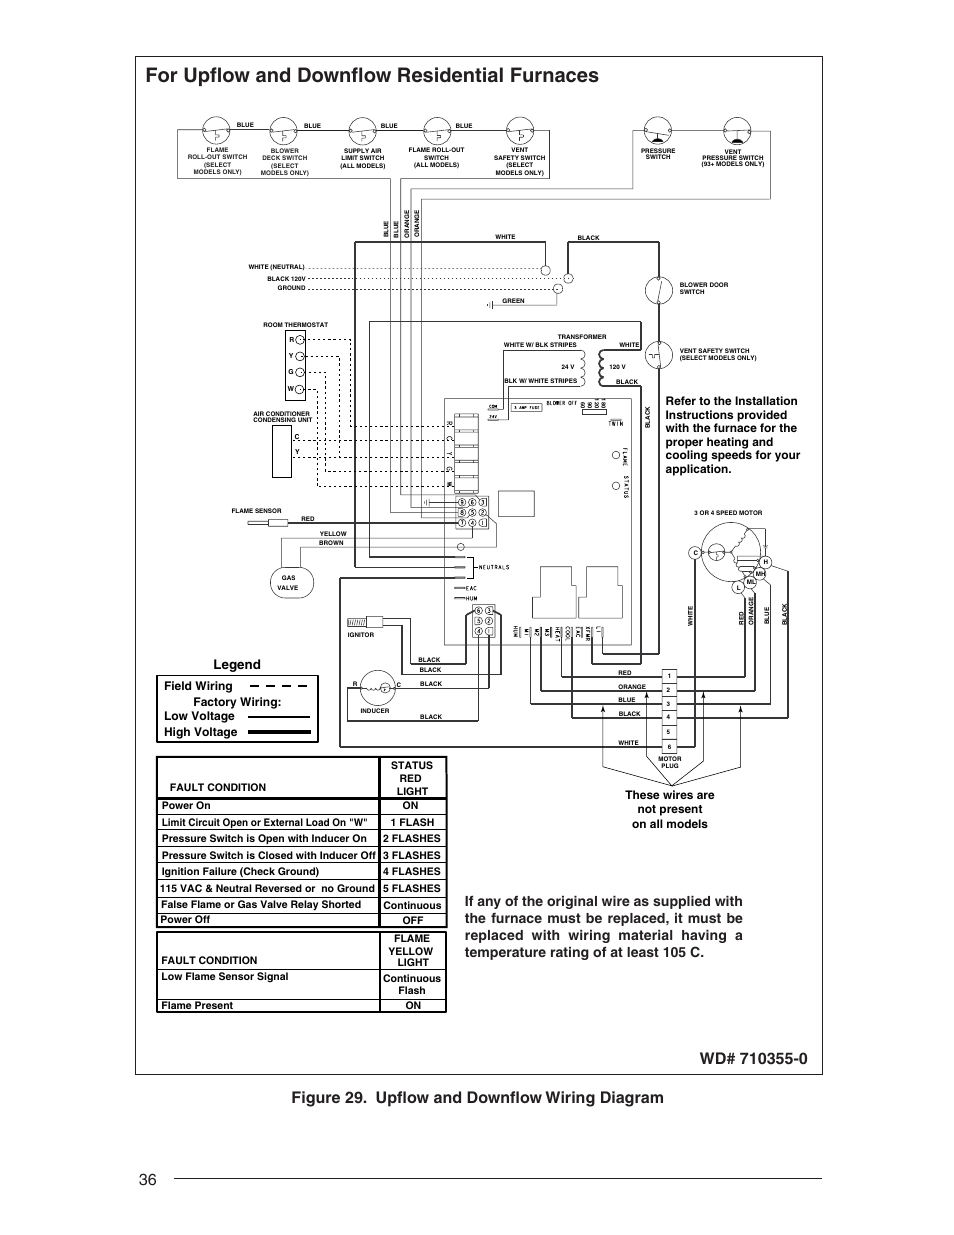 nordyne rl 90 page36?resize\=665%2C861 edenpure 1000 wiring diagram edenpure gen 3 wiring diagram, 1000 edenpure 1000xl wiring diagram at gsmx.co